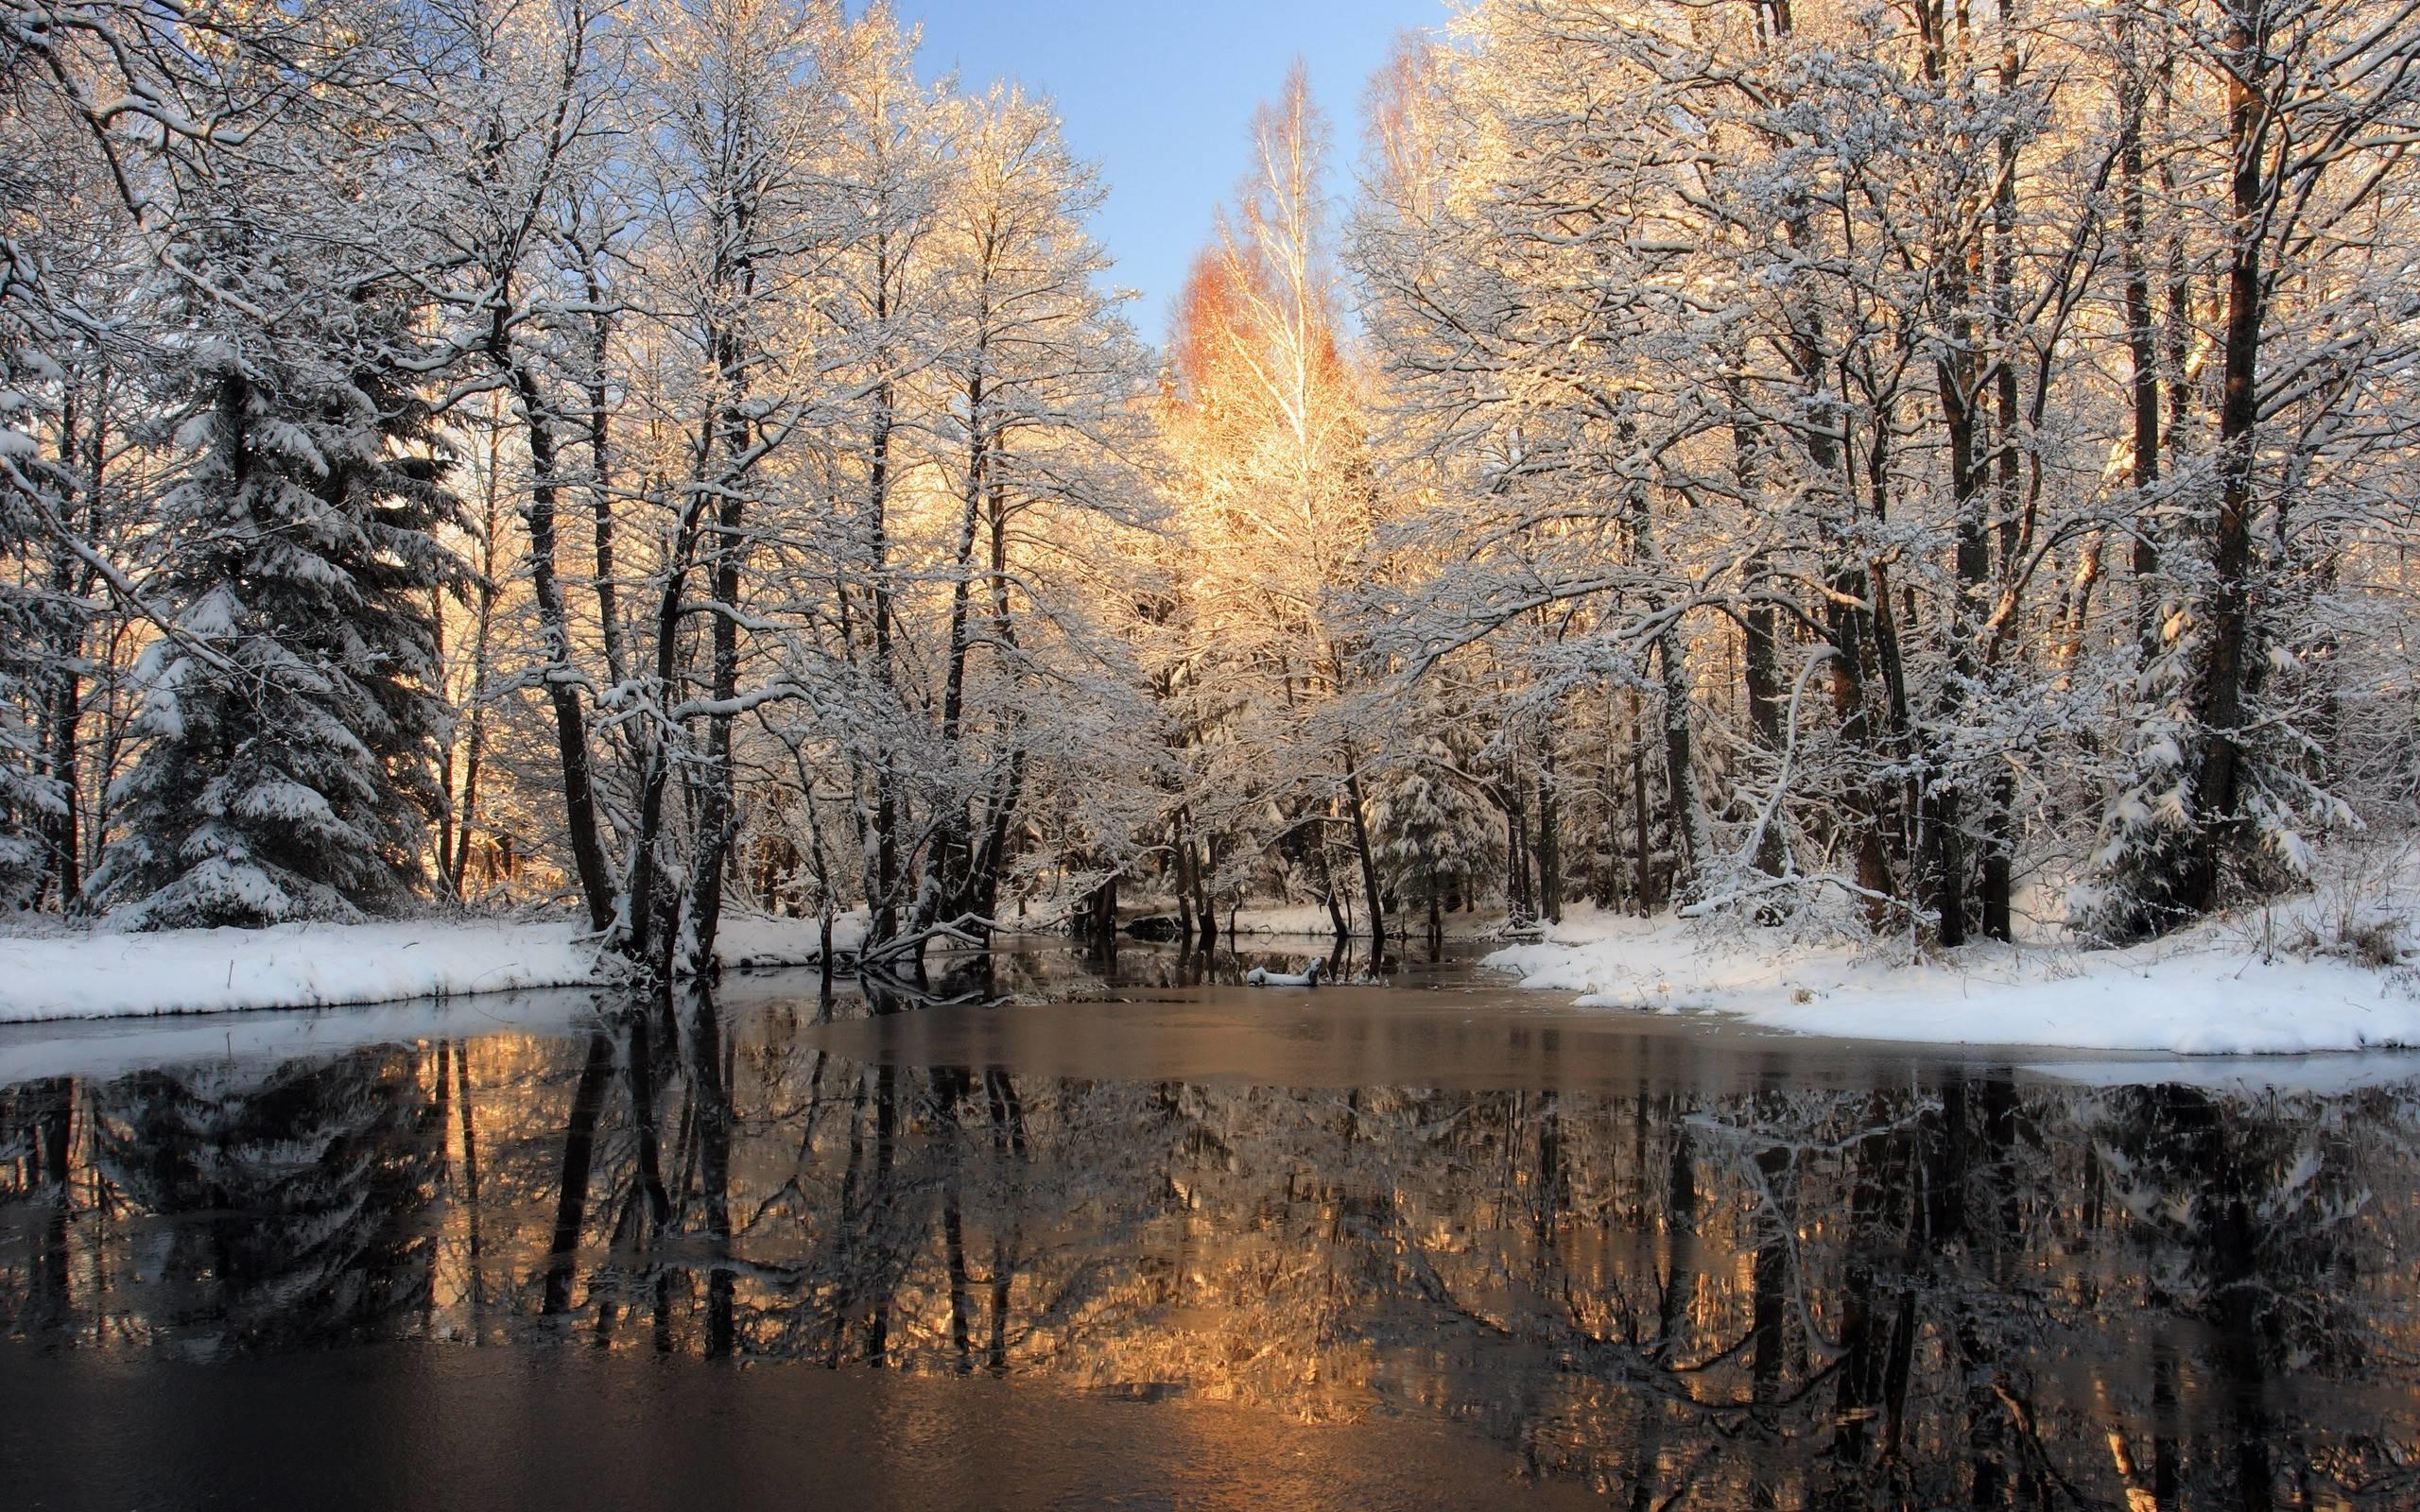 Winter Wallpaper Scenes 1